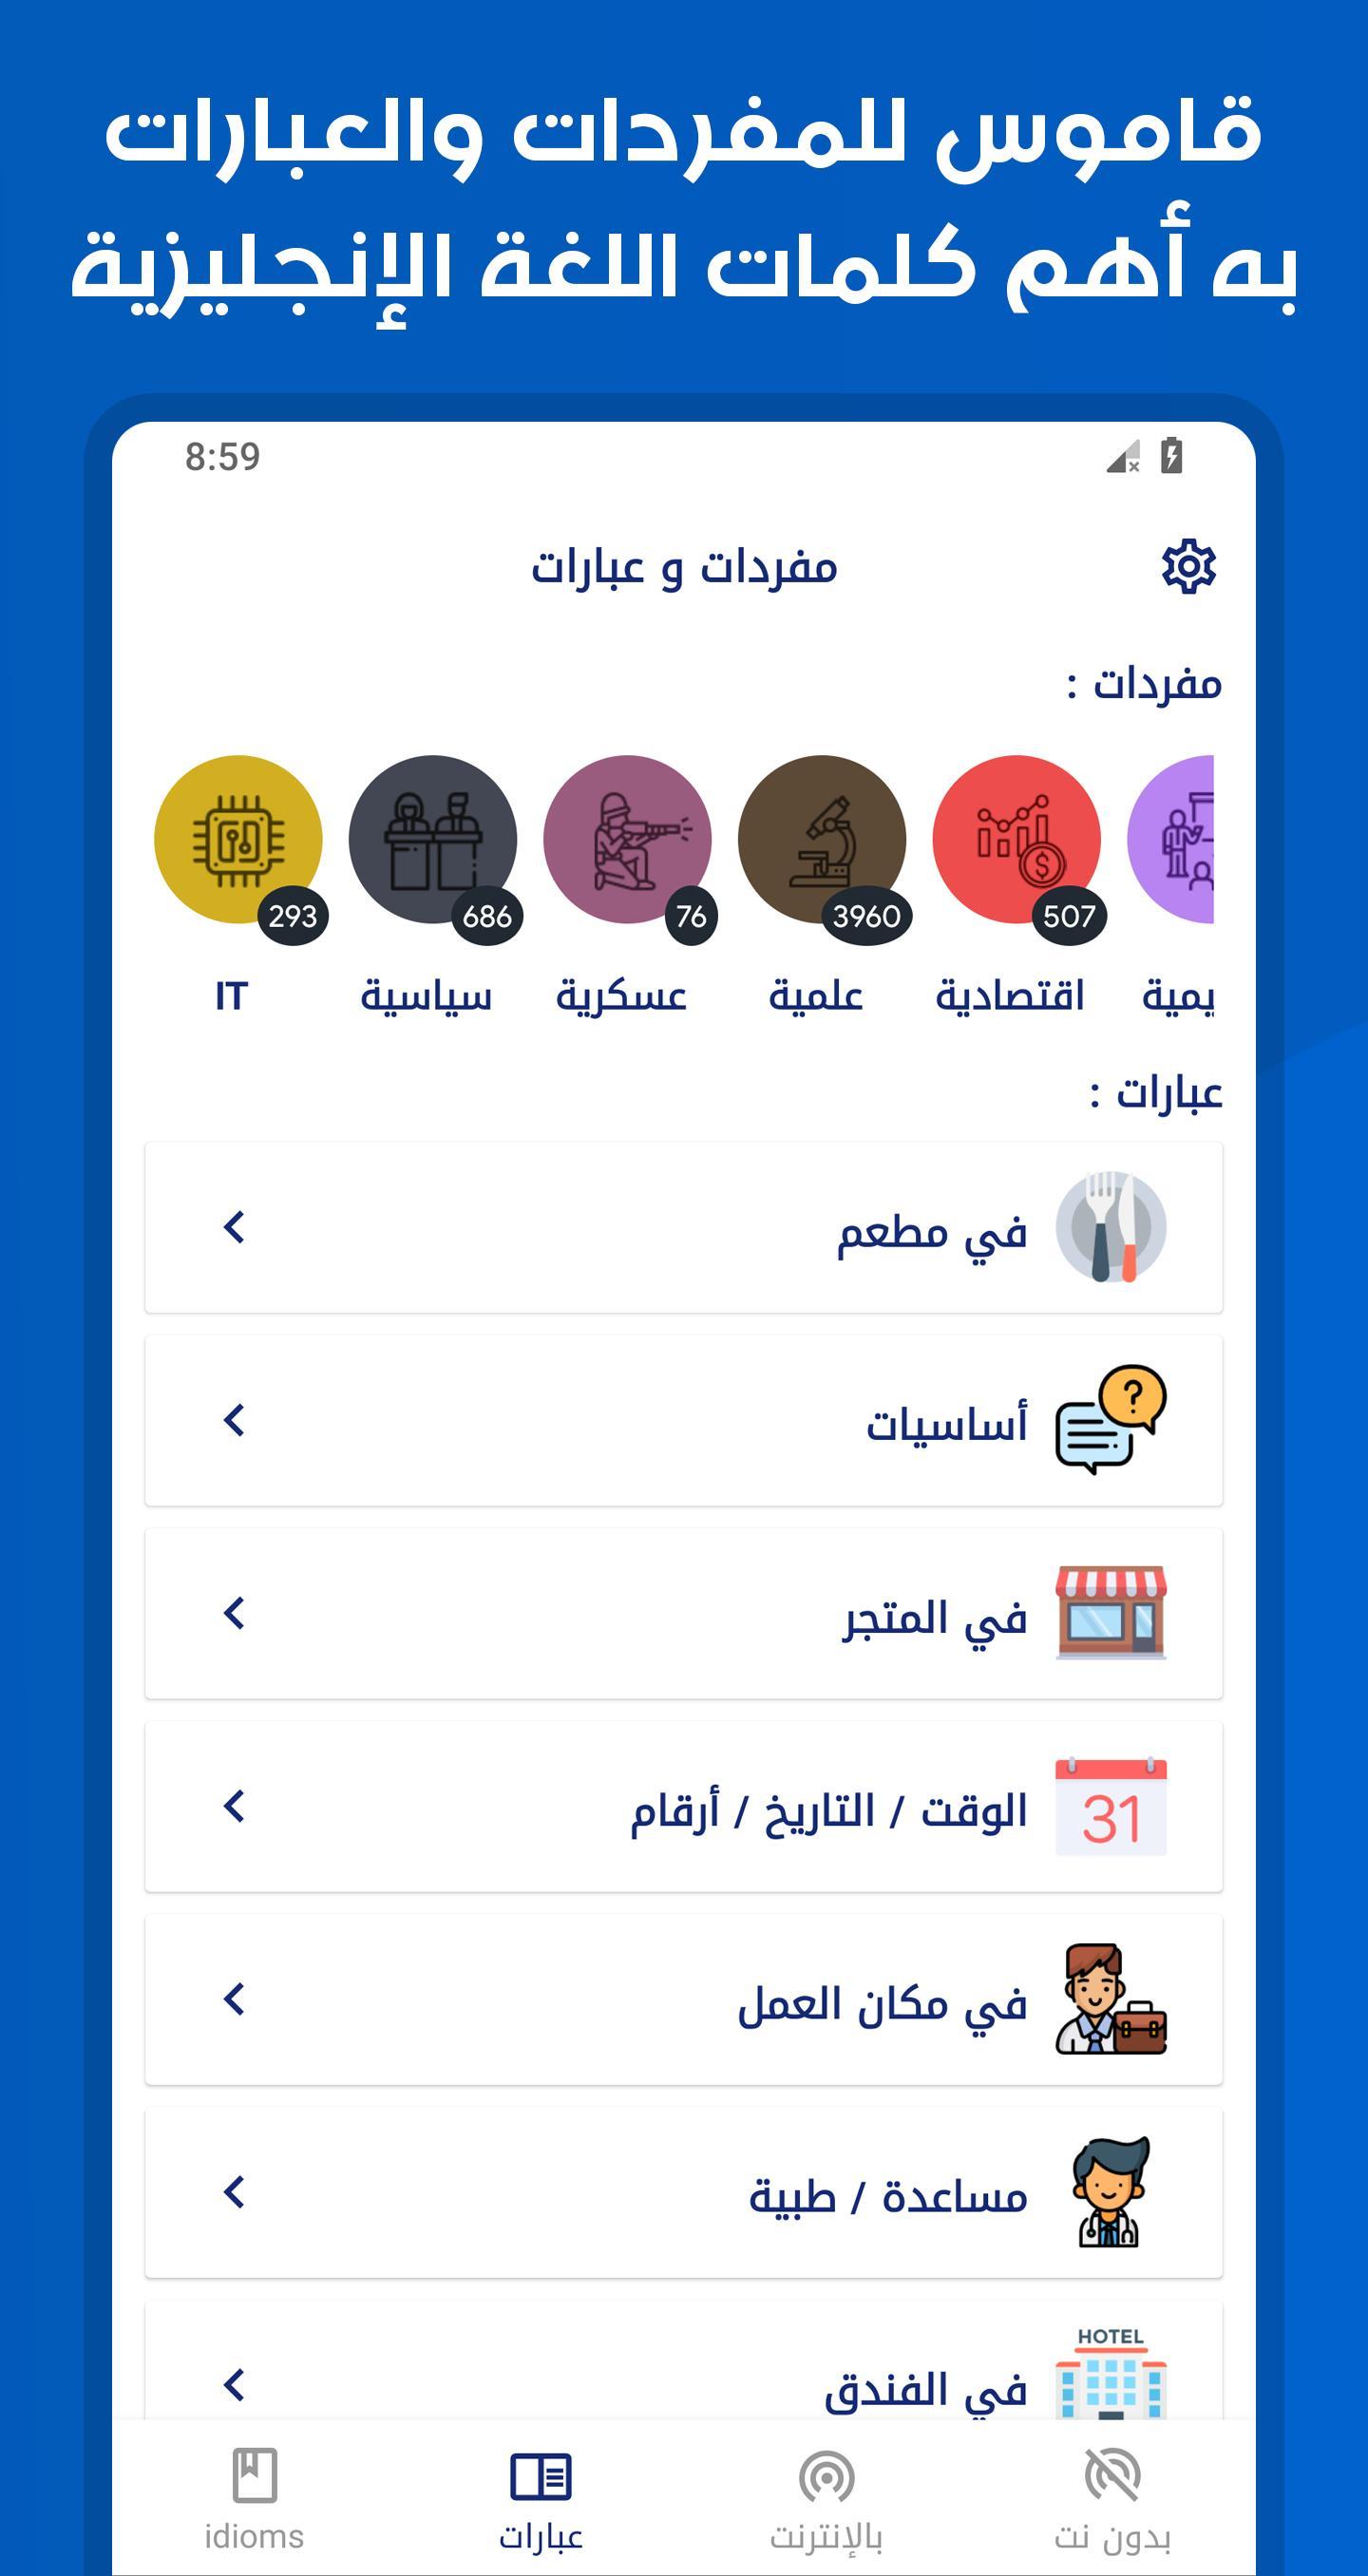 قاموس عربي انجليزي بدون إنترنت for Android - APK Download